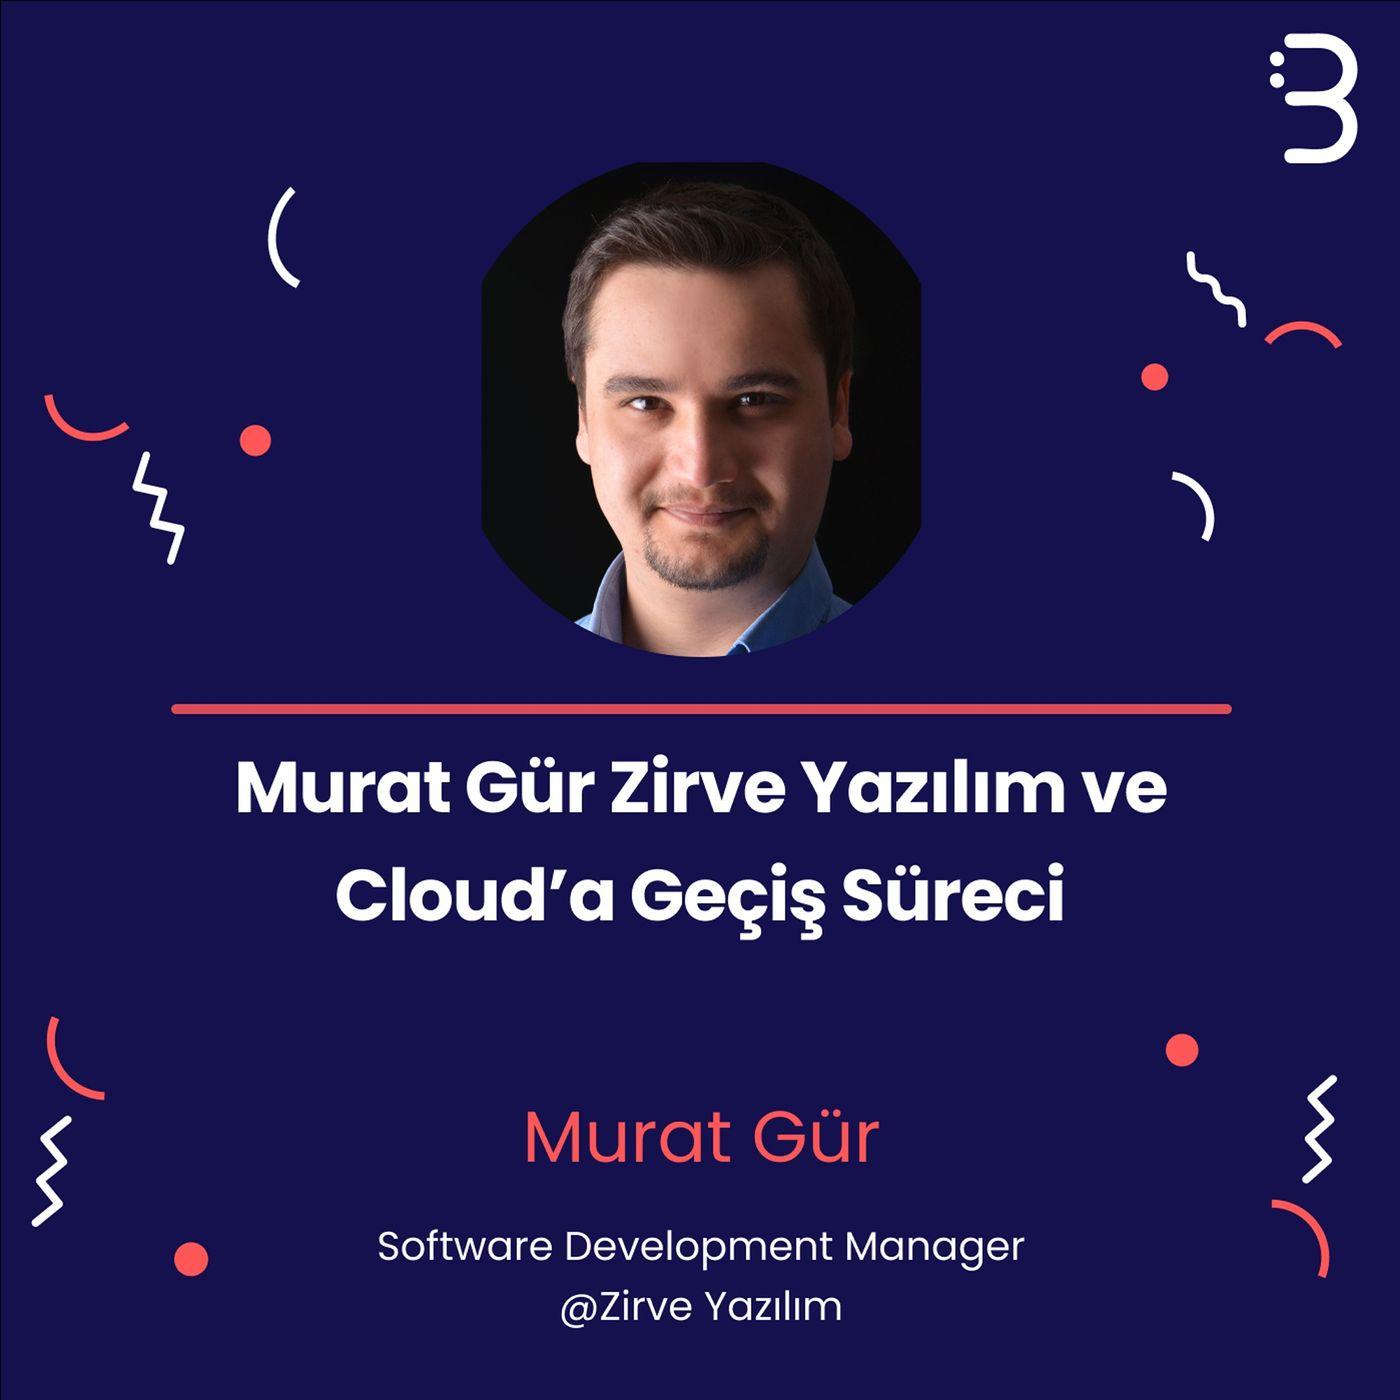 Teknik: Murat Gür Zirve Yazılım ve Cloud'a Geçiş Süreci